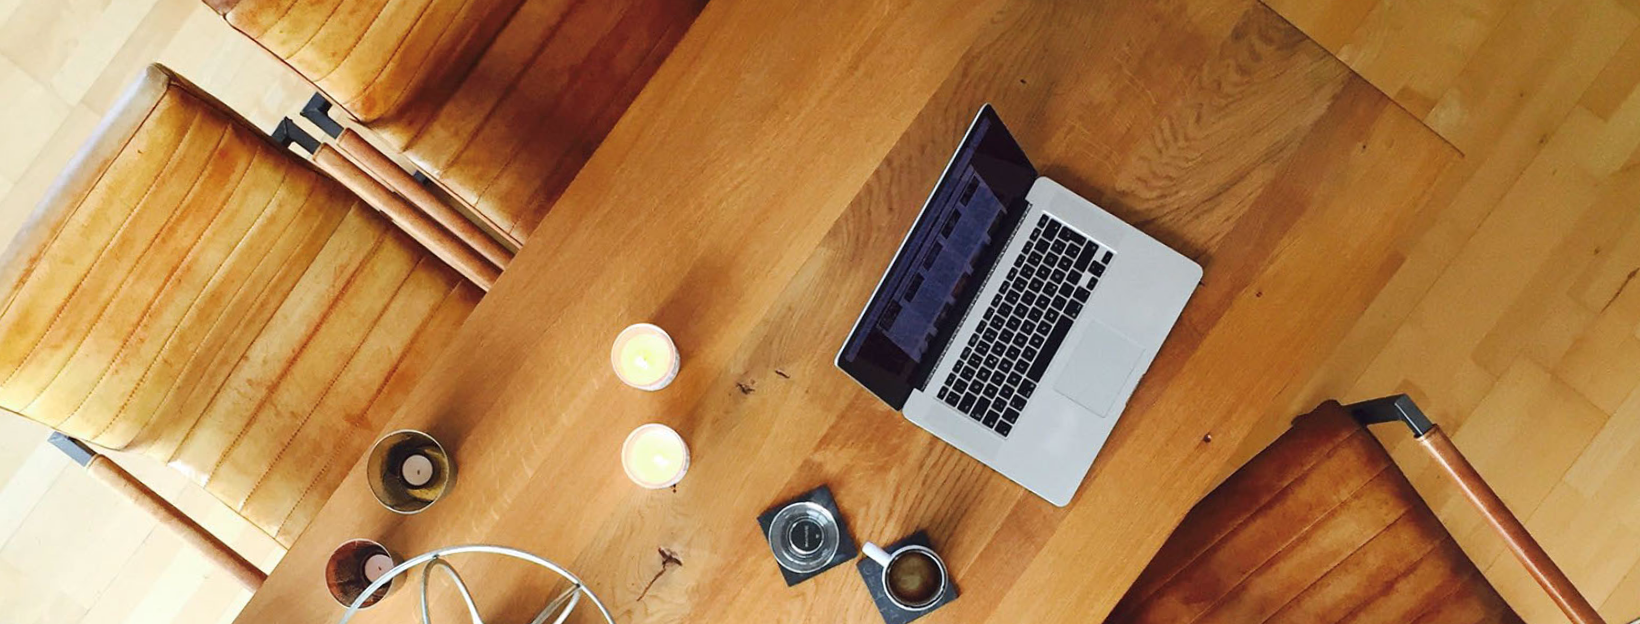 Mac auf dem Schreibtisch